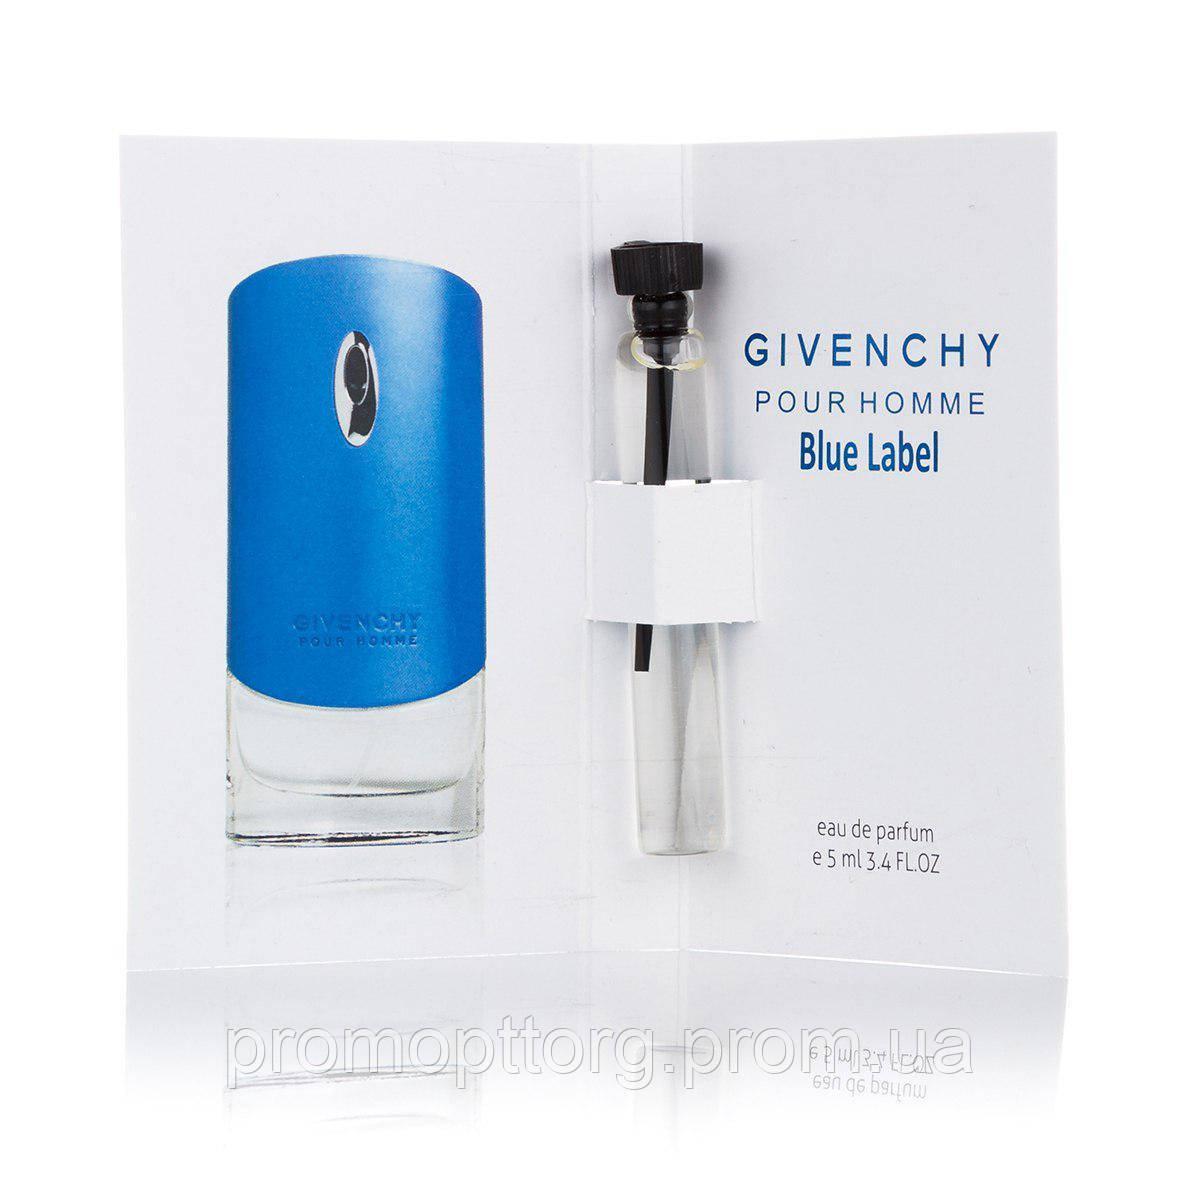 Мужской мини парфюм Givenchy Blue Label пробник 5 ml  (реплика)